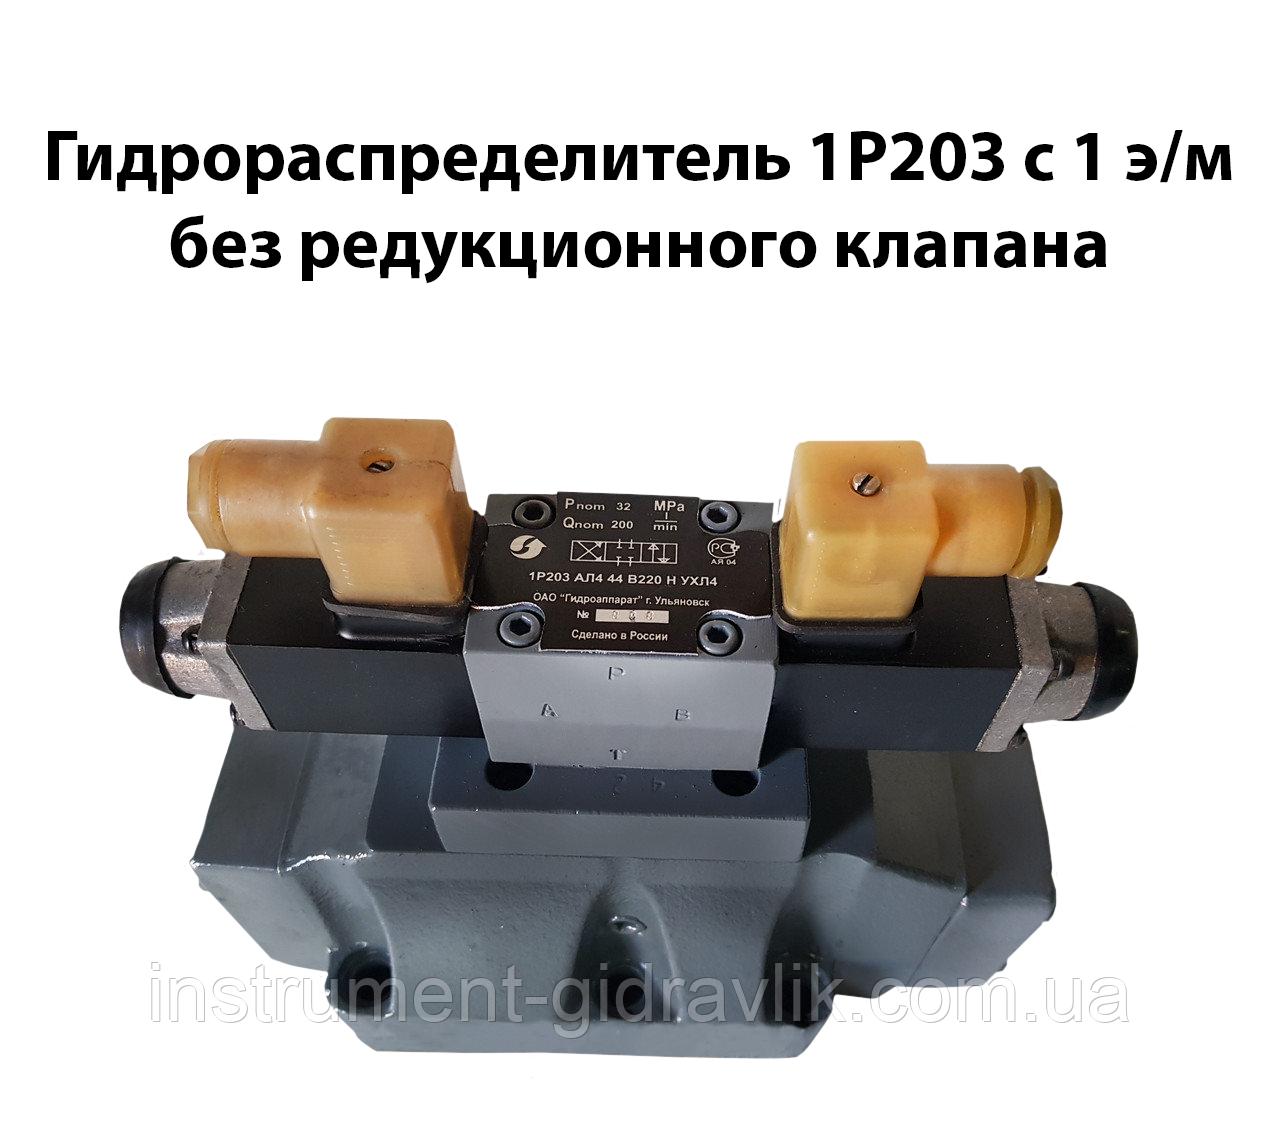 Гидрораспределитель 1Р203 с 1 э/м без редукционного клапана